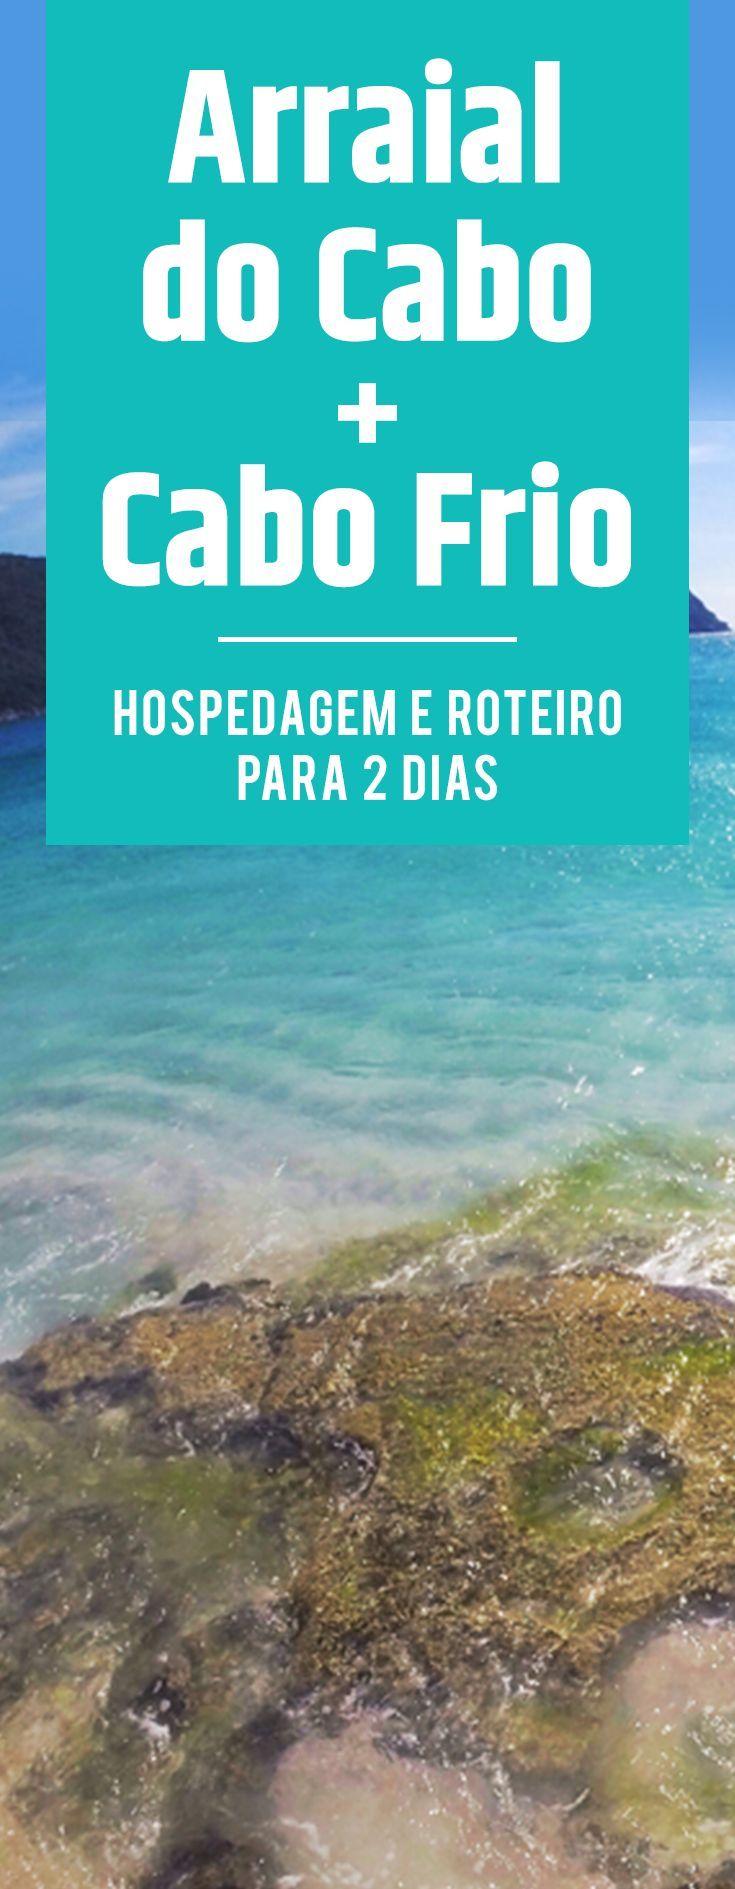 Arraial do Cabo e Cabo Frio são os dois melhores destinos na região dos lagos, no Rio de Janeiro. Aqui você encontra dicas de roteiro para aproveitar os dois locais, e ainda dicas de onde se hospedar! #arraialdocabo #cabofrio #riodejaneiro #viagem #roteiro #hospedagem